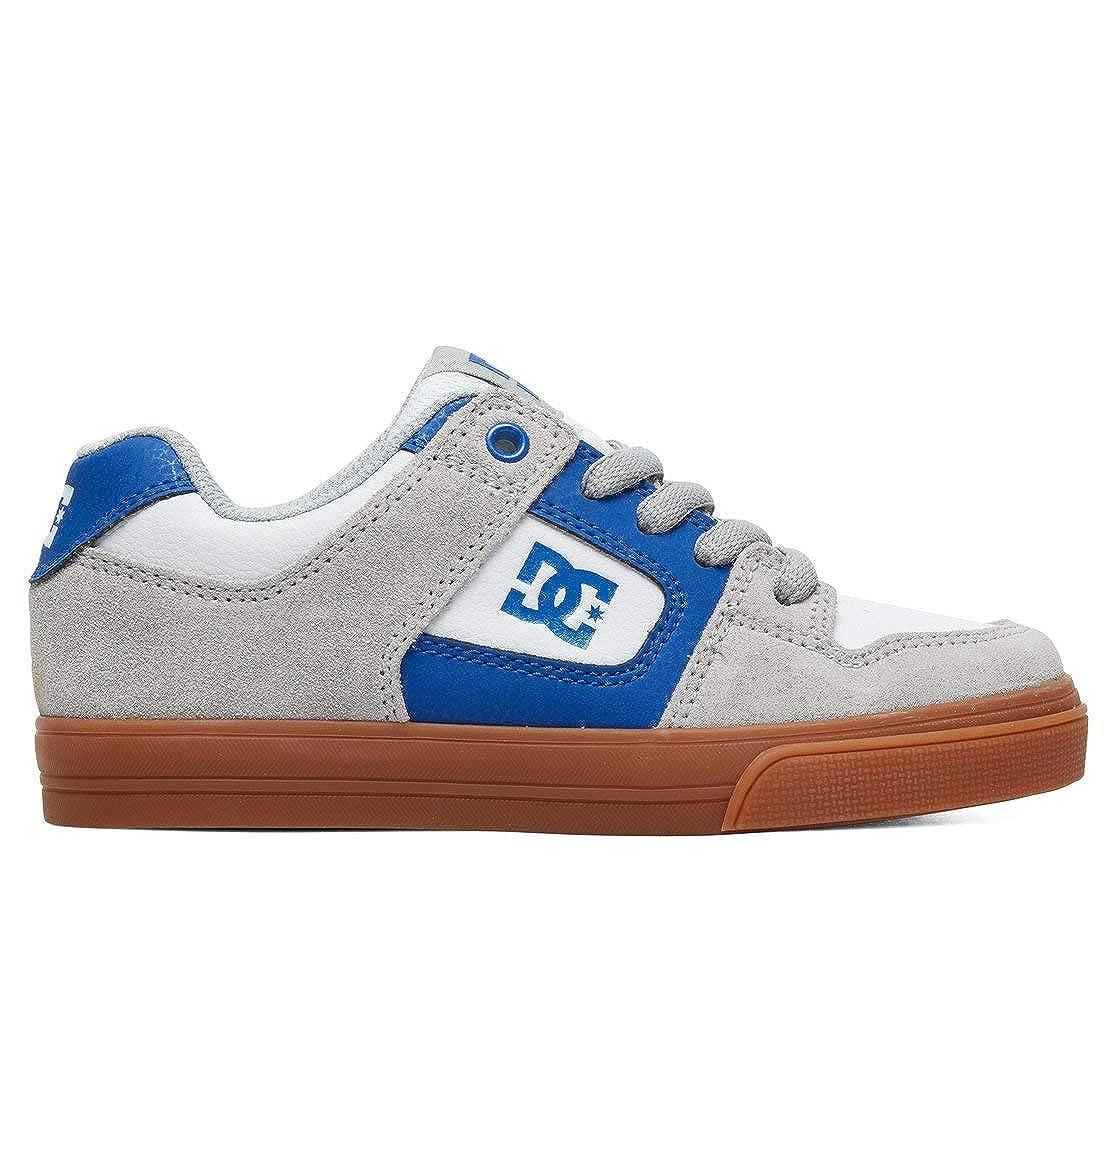 gris - gris bleu blanc DC chaussures - Pure - baskets Basses - Garçon 28.5 EU